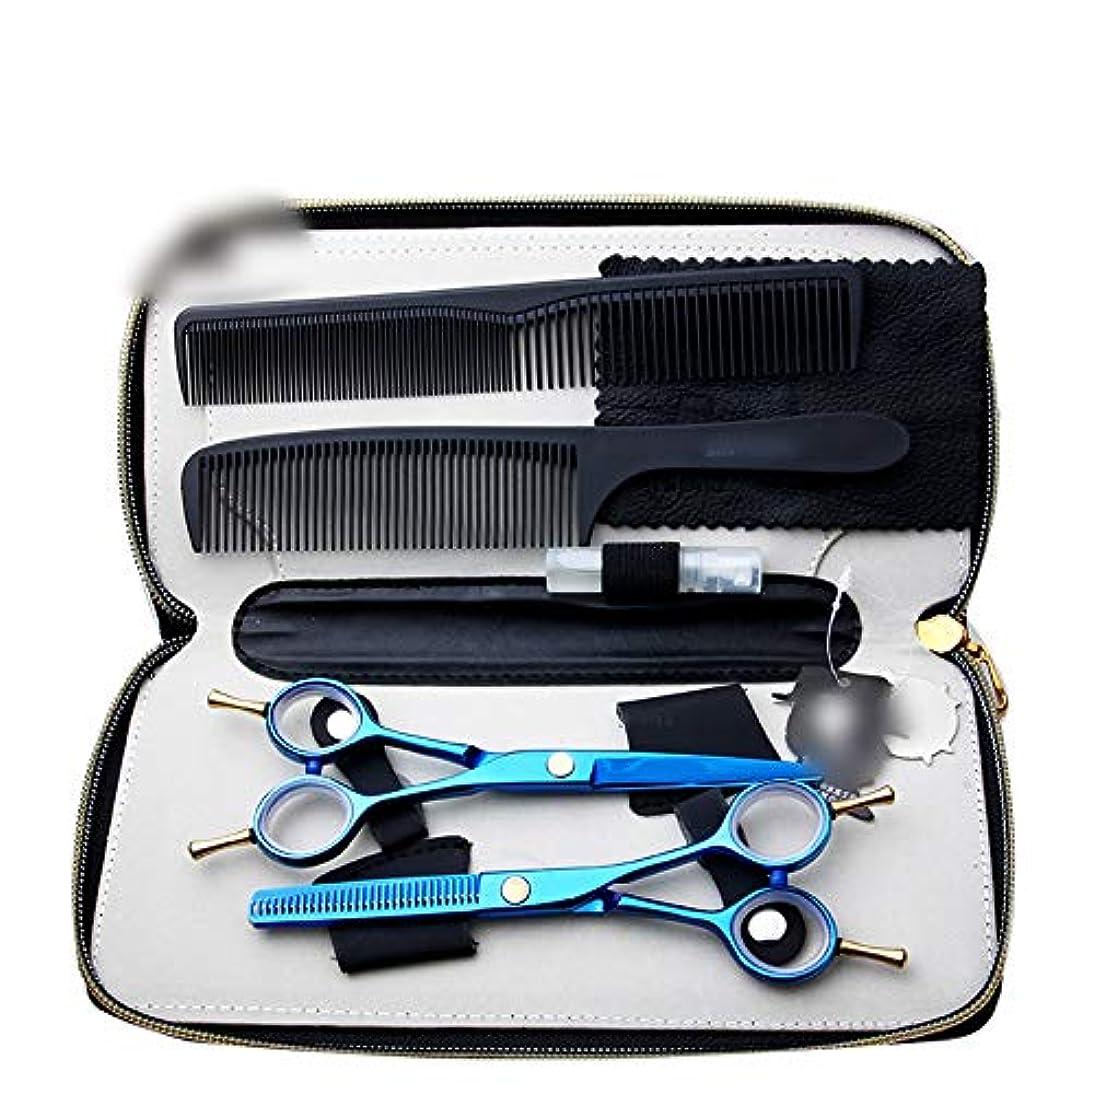 エッセンスロデオ押し下げる6インチ青両刃ハサミセット、細歯用ハサミ+フラットストレートハサミセット ヘアケア (色 : 青)